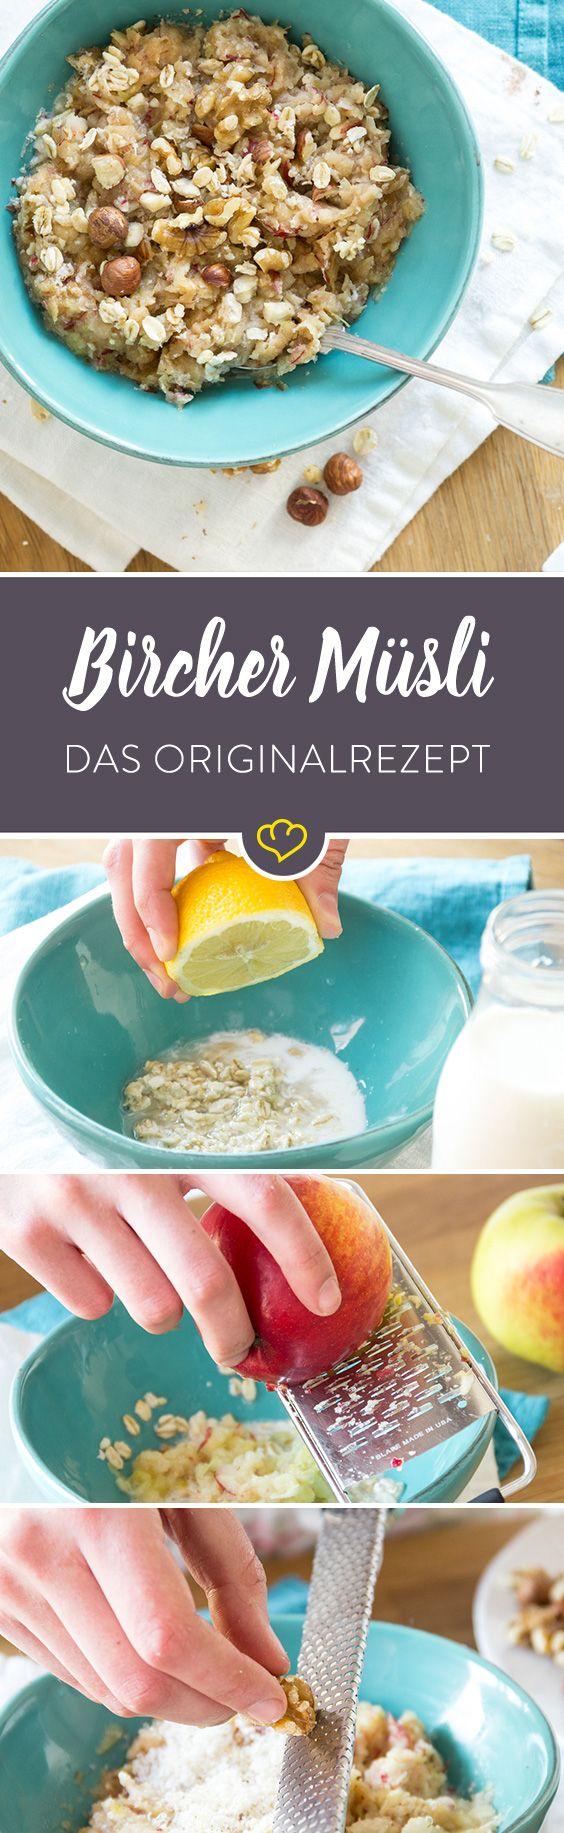 Da gab es plötzlich kein Käsebrot mehr, sondern Bircher Müsli zum Frühstück. Es ist schon komisch. Da fahre ich all die Jahre in die Schweiz und bin bislang noch nicht in den Genuss von Bircher Müsli gekommen. Eine Schande eigentlich! Umso schöner also, dass ich jetzt auf den Frühstücksbrei gestoßen bin. Und ihn dank meiner Freundin Marie auch zu Hause nachmachen kann. Denn sie hat mir das Geheimrezept für den Schweizer Klassiker verraten. Woher sie das hat? Von einer Cafébesitzerin.